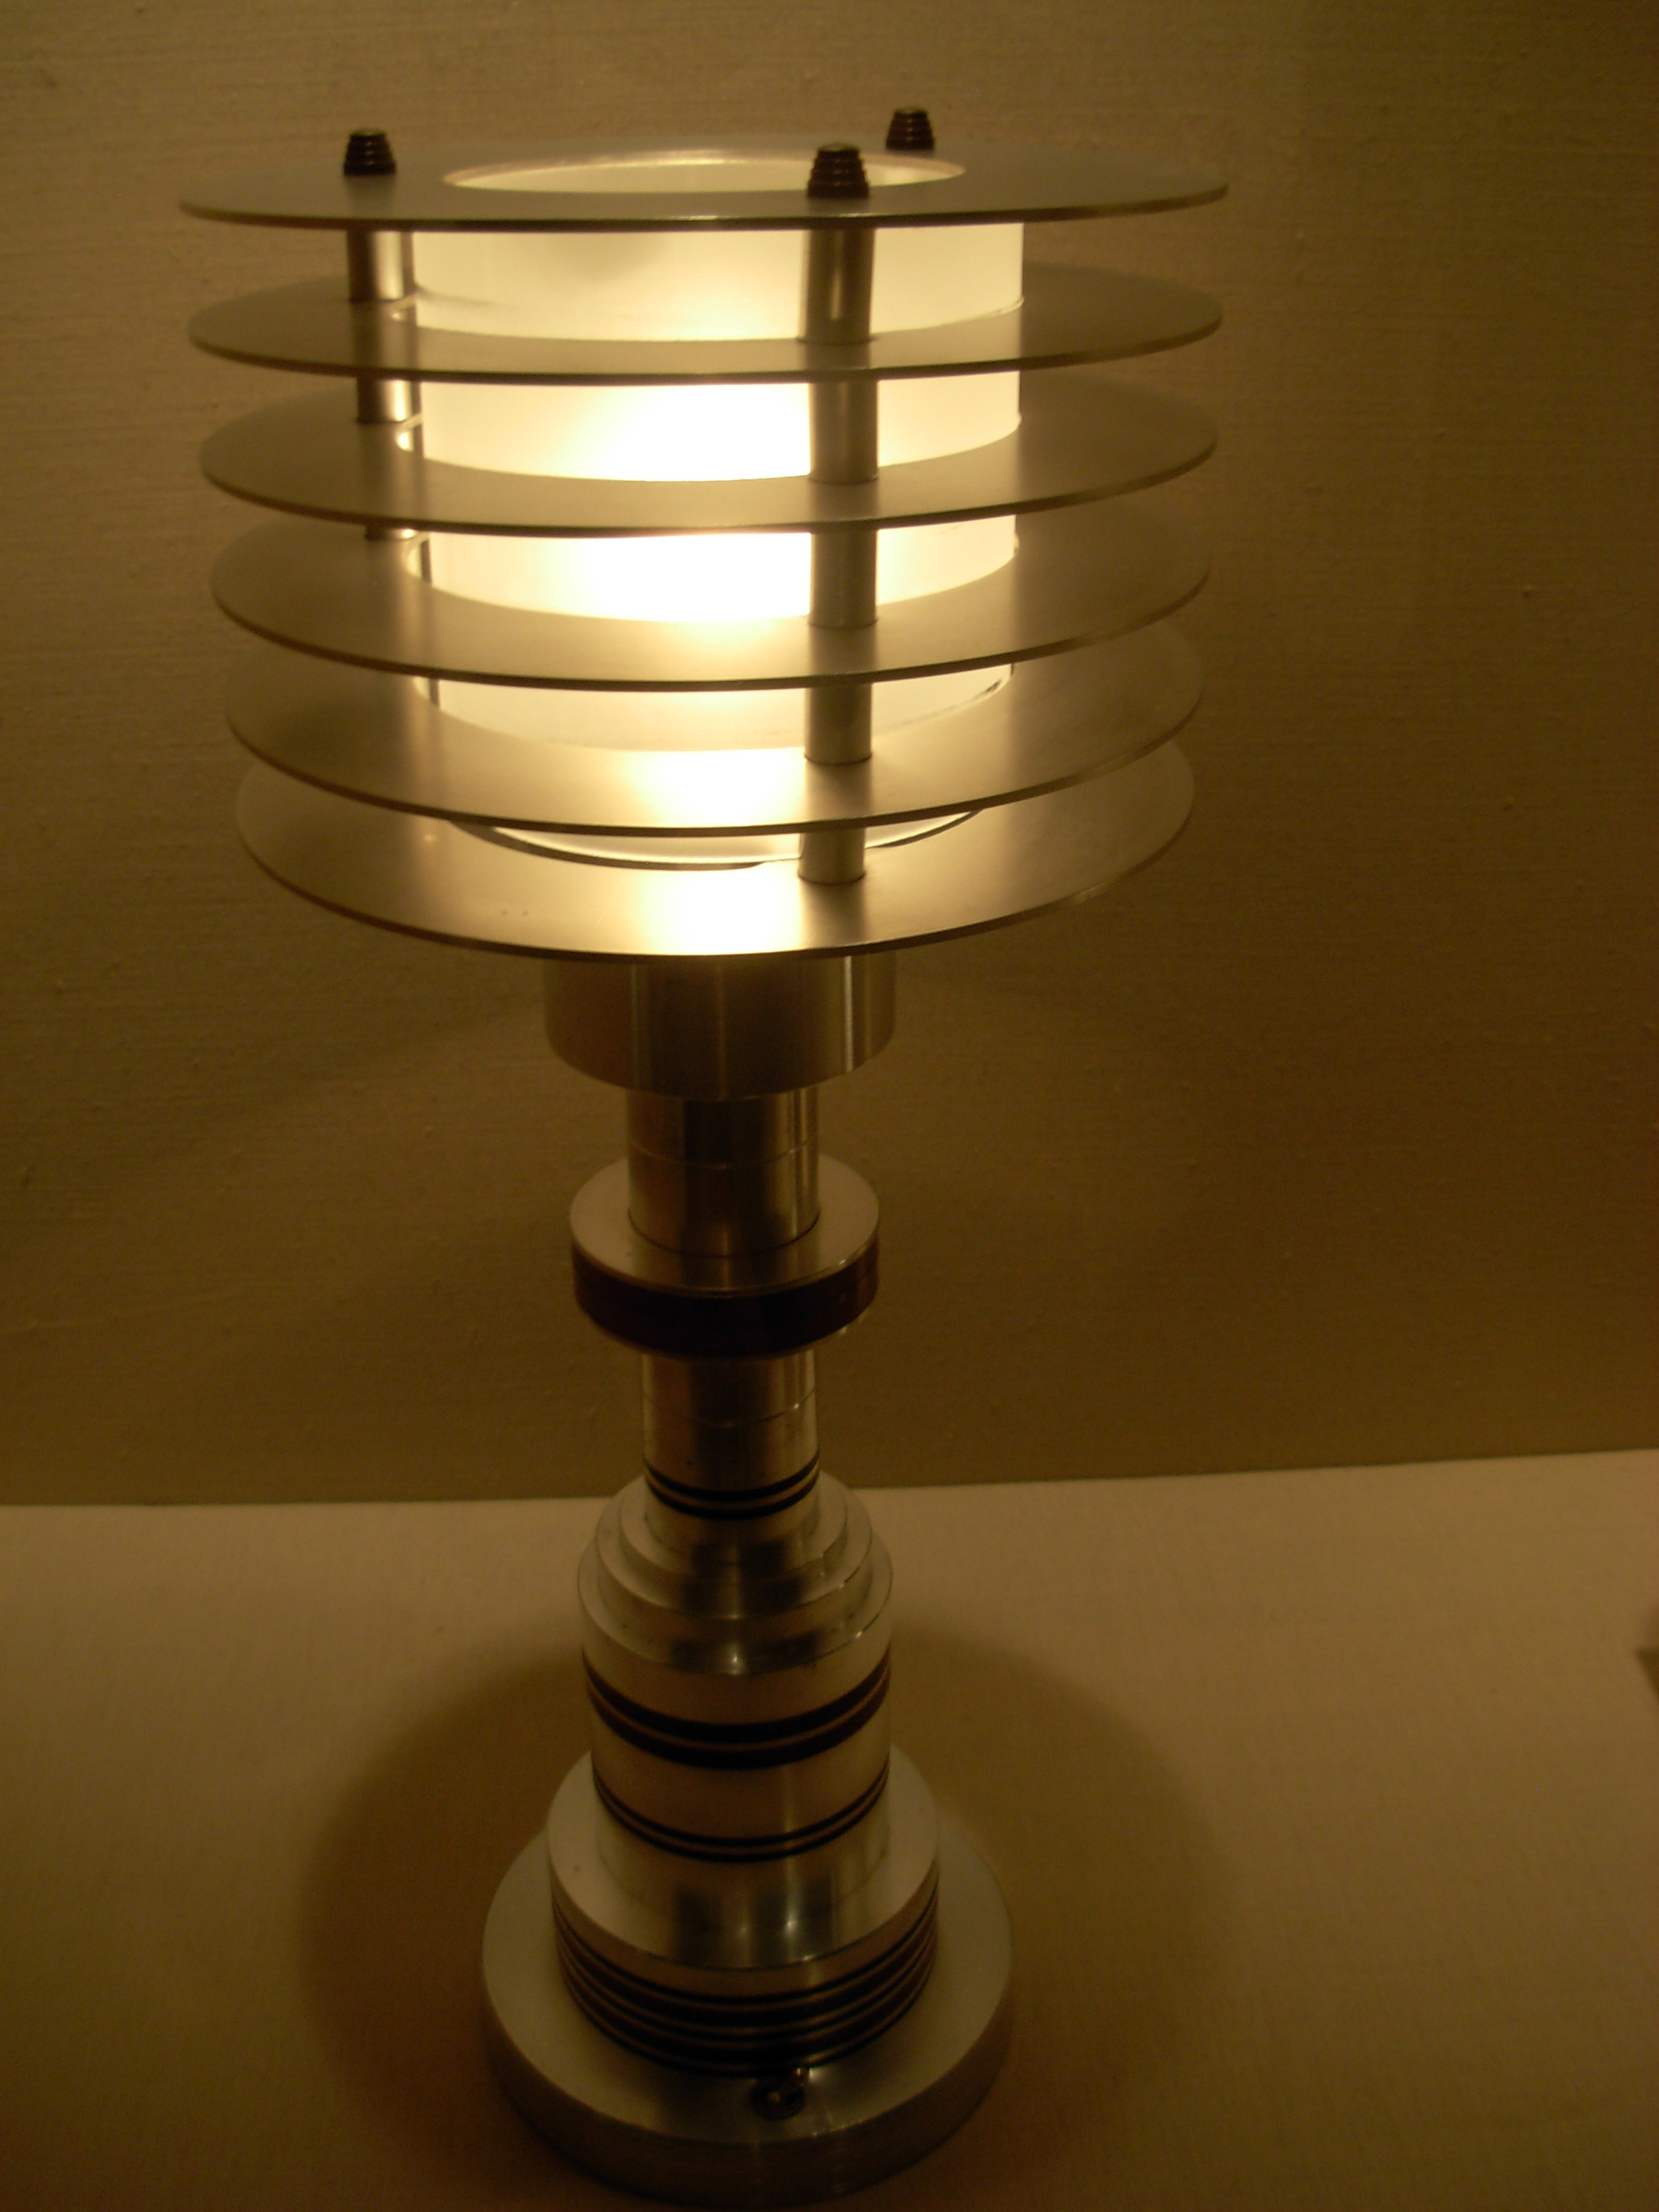 Filecarnegie museum of art lamp 2g wikimedia commons filecarnegie museum of art lamp 2g arubaitofo Choice Image